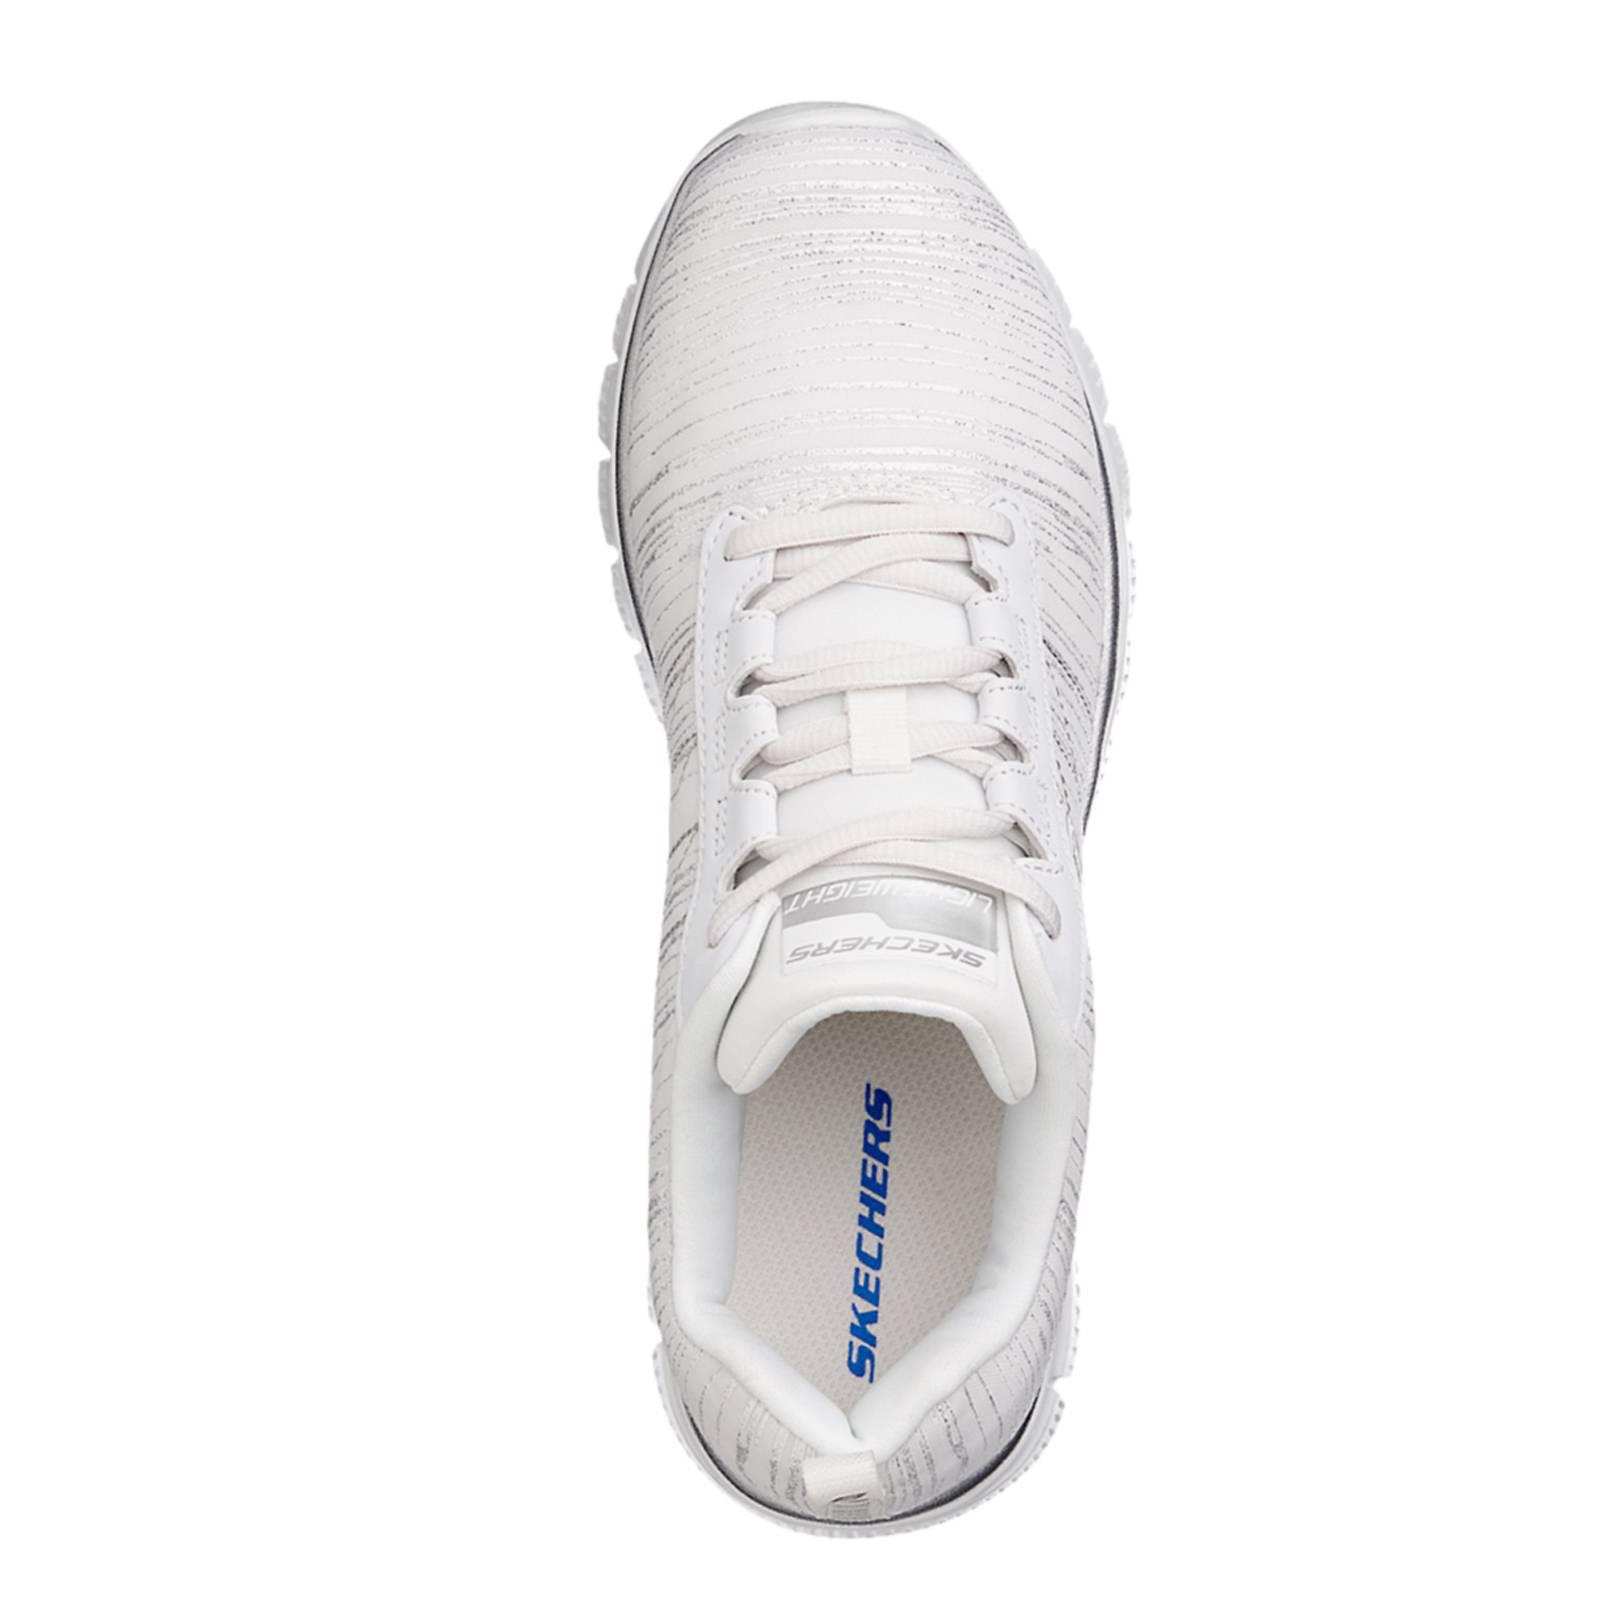 Skechers lightweight sneakers | wehkamp